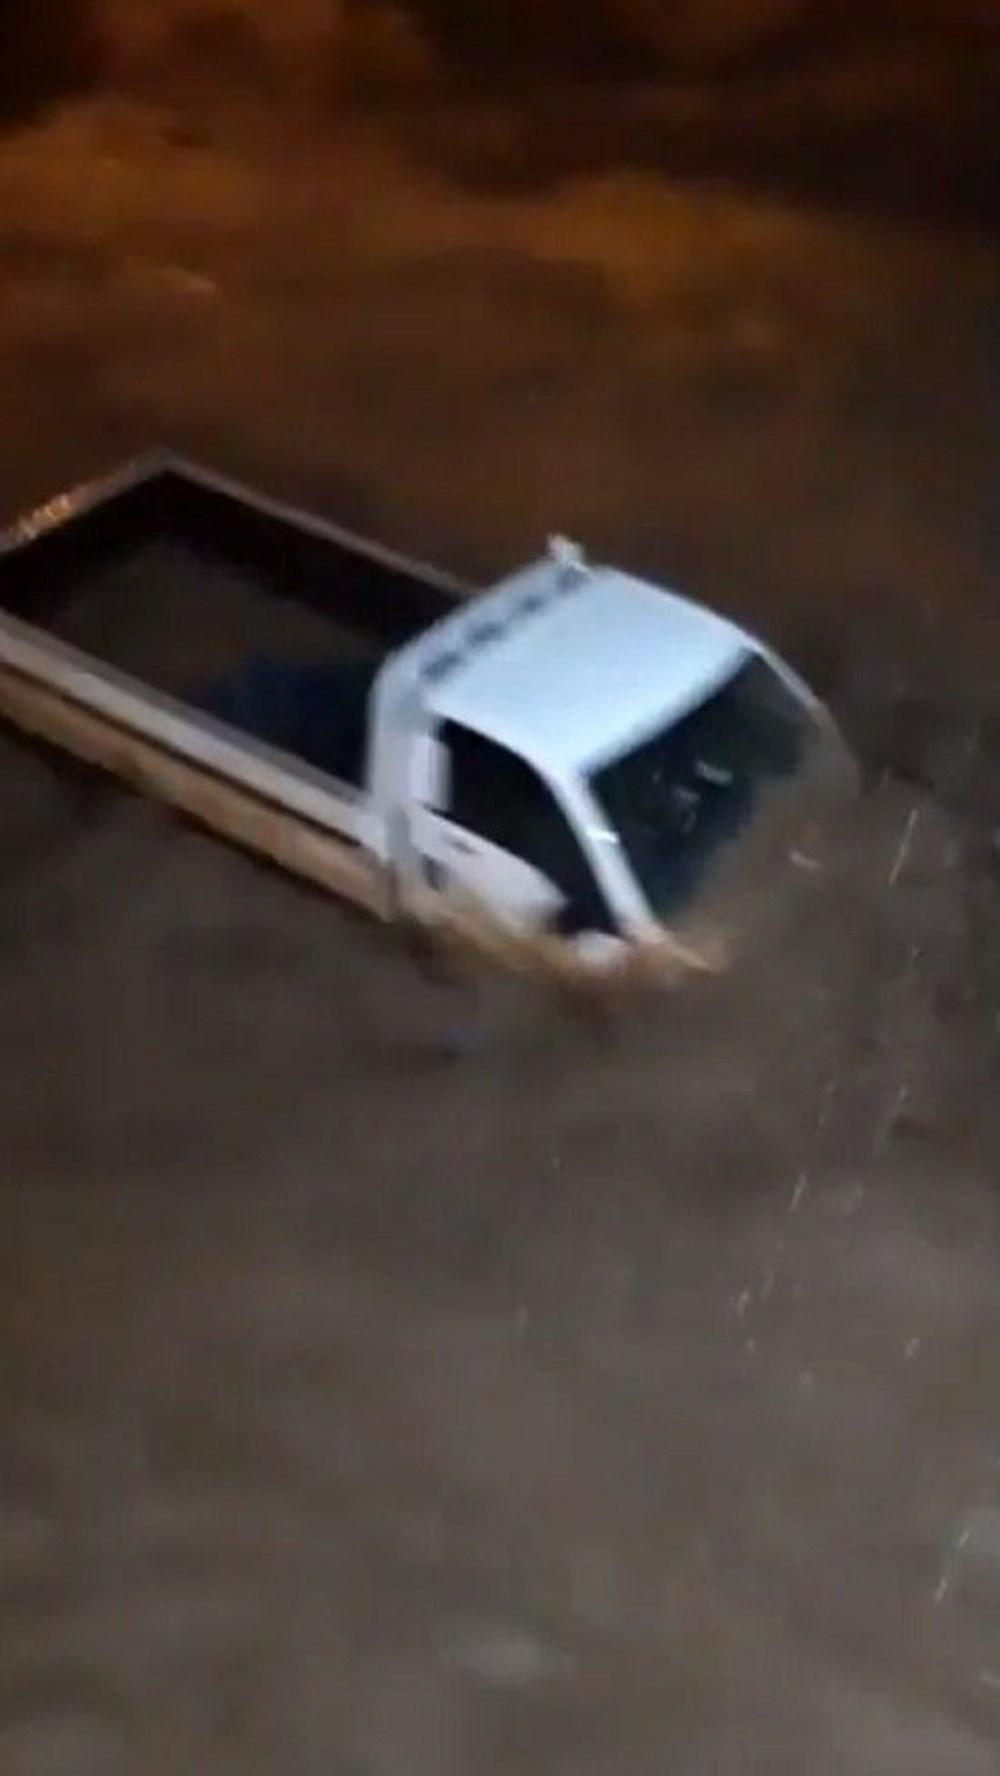 Giresun'u sel vurdu: 4 kişi hayatını kaybetti - 16